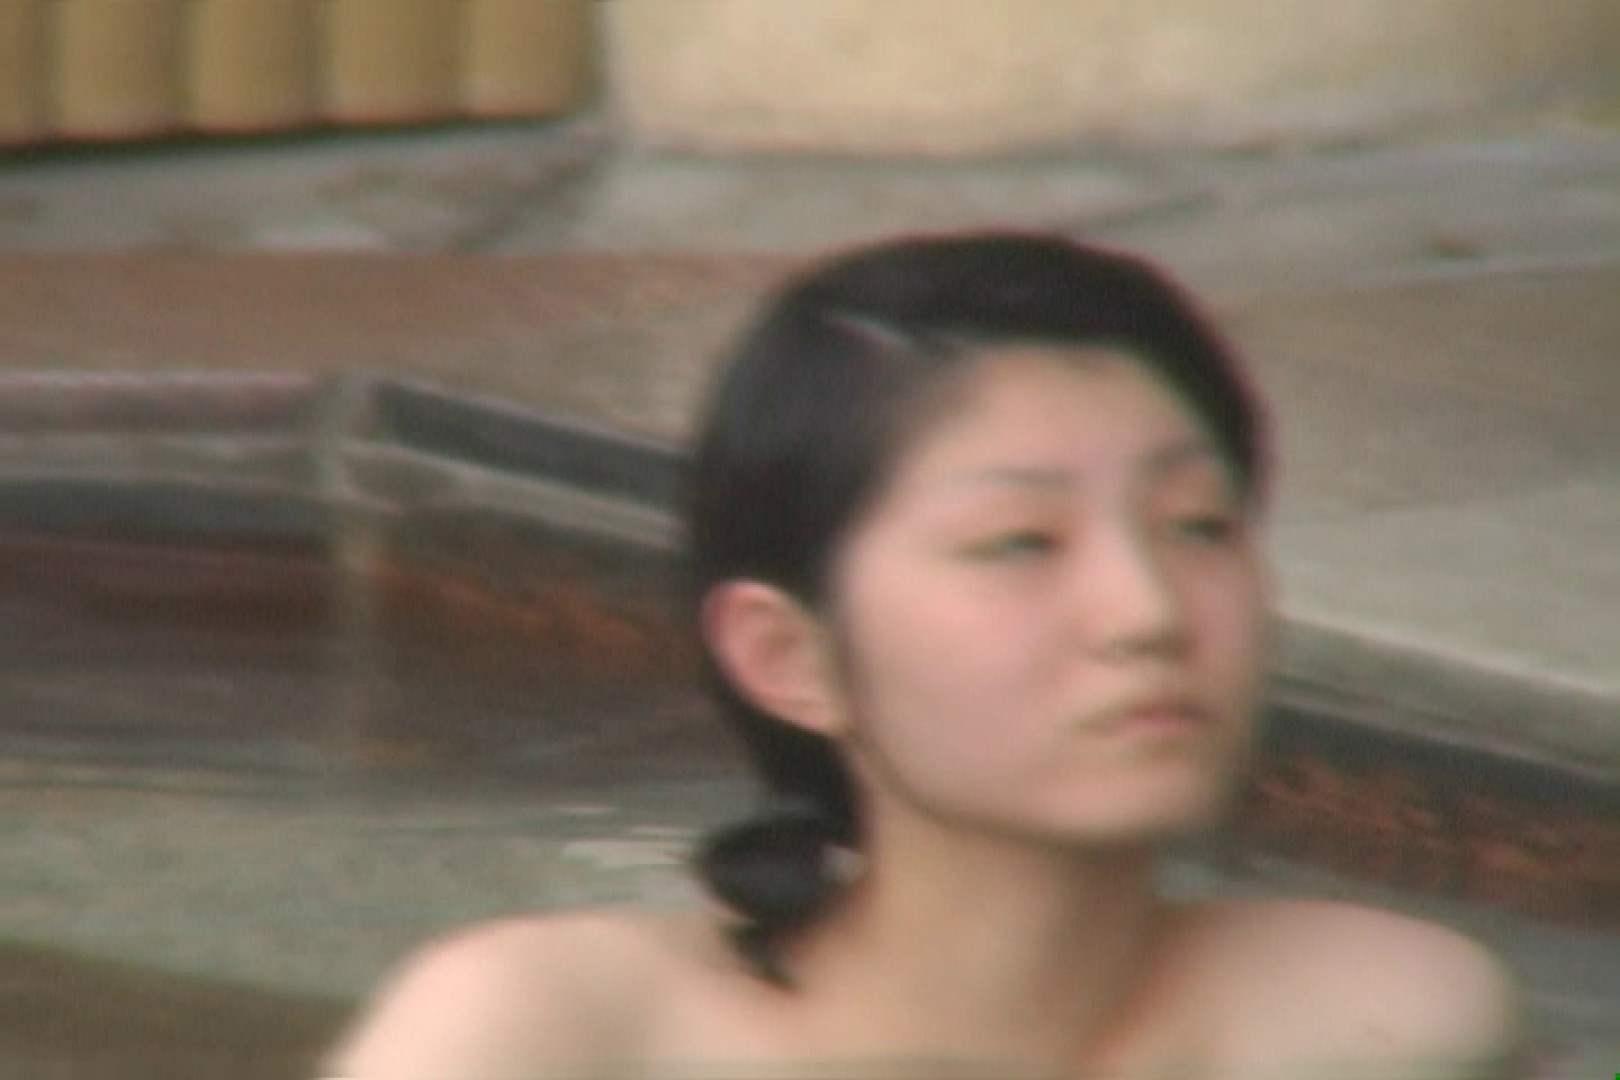 Aquaな露天風呂Vol.579 OLエロ画像   露天  42PICs 25